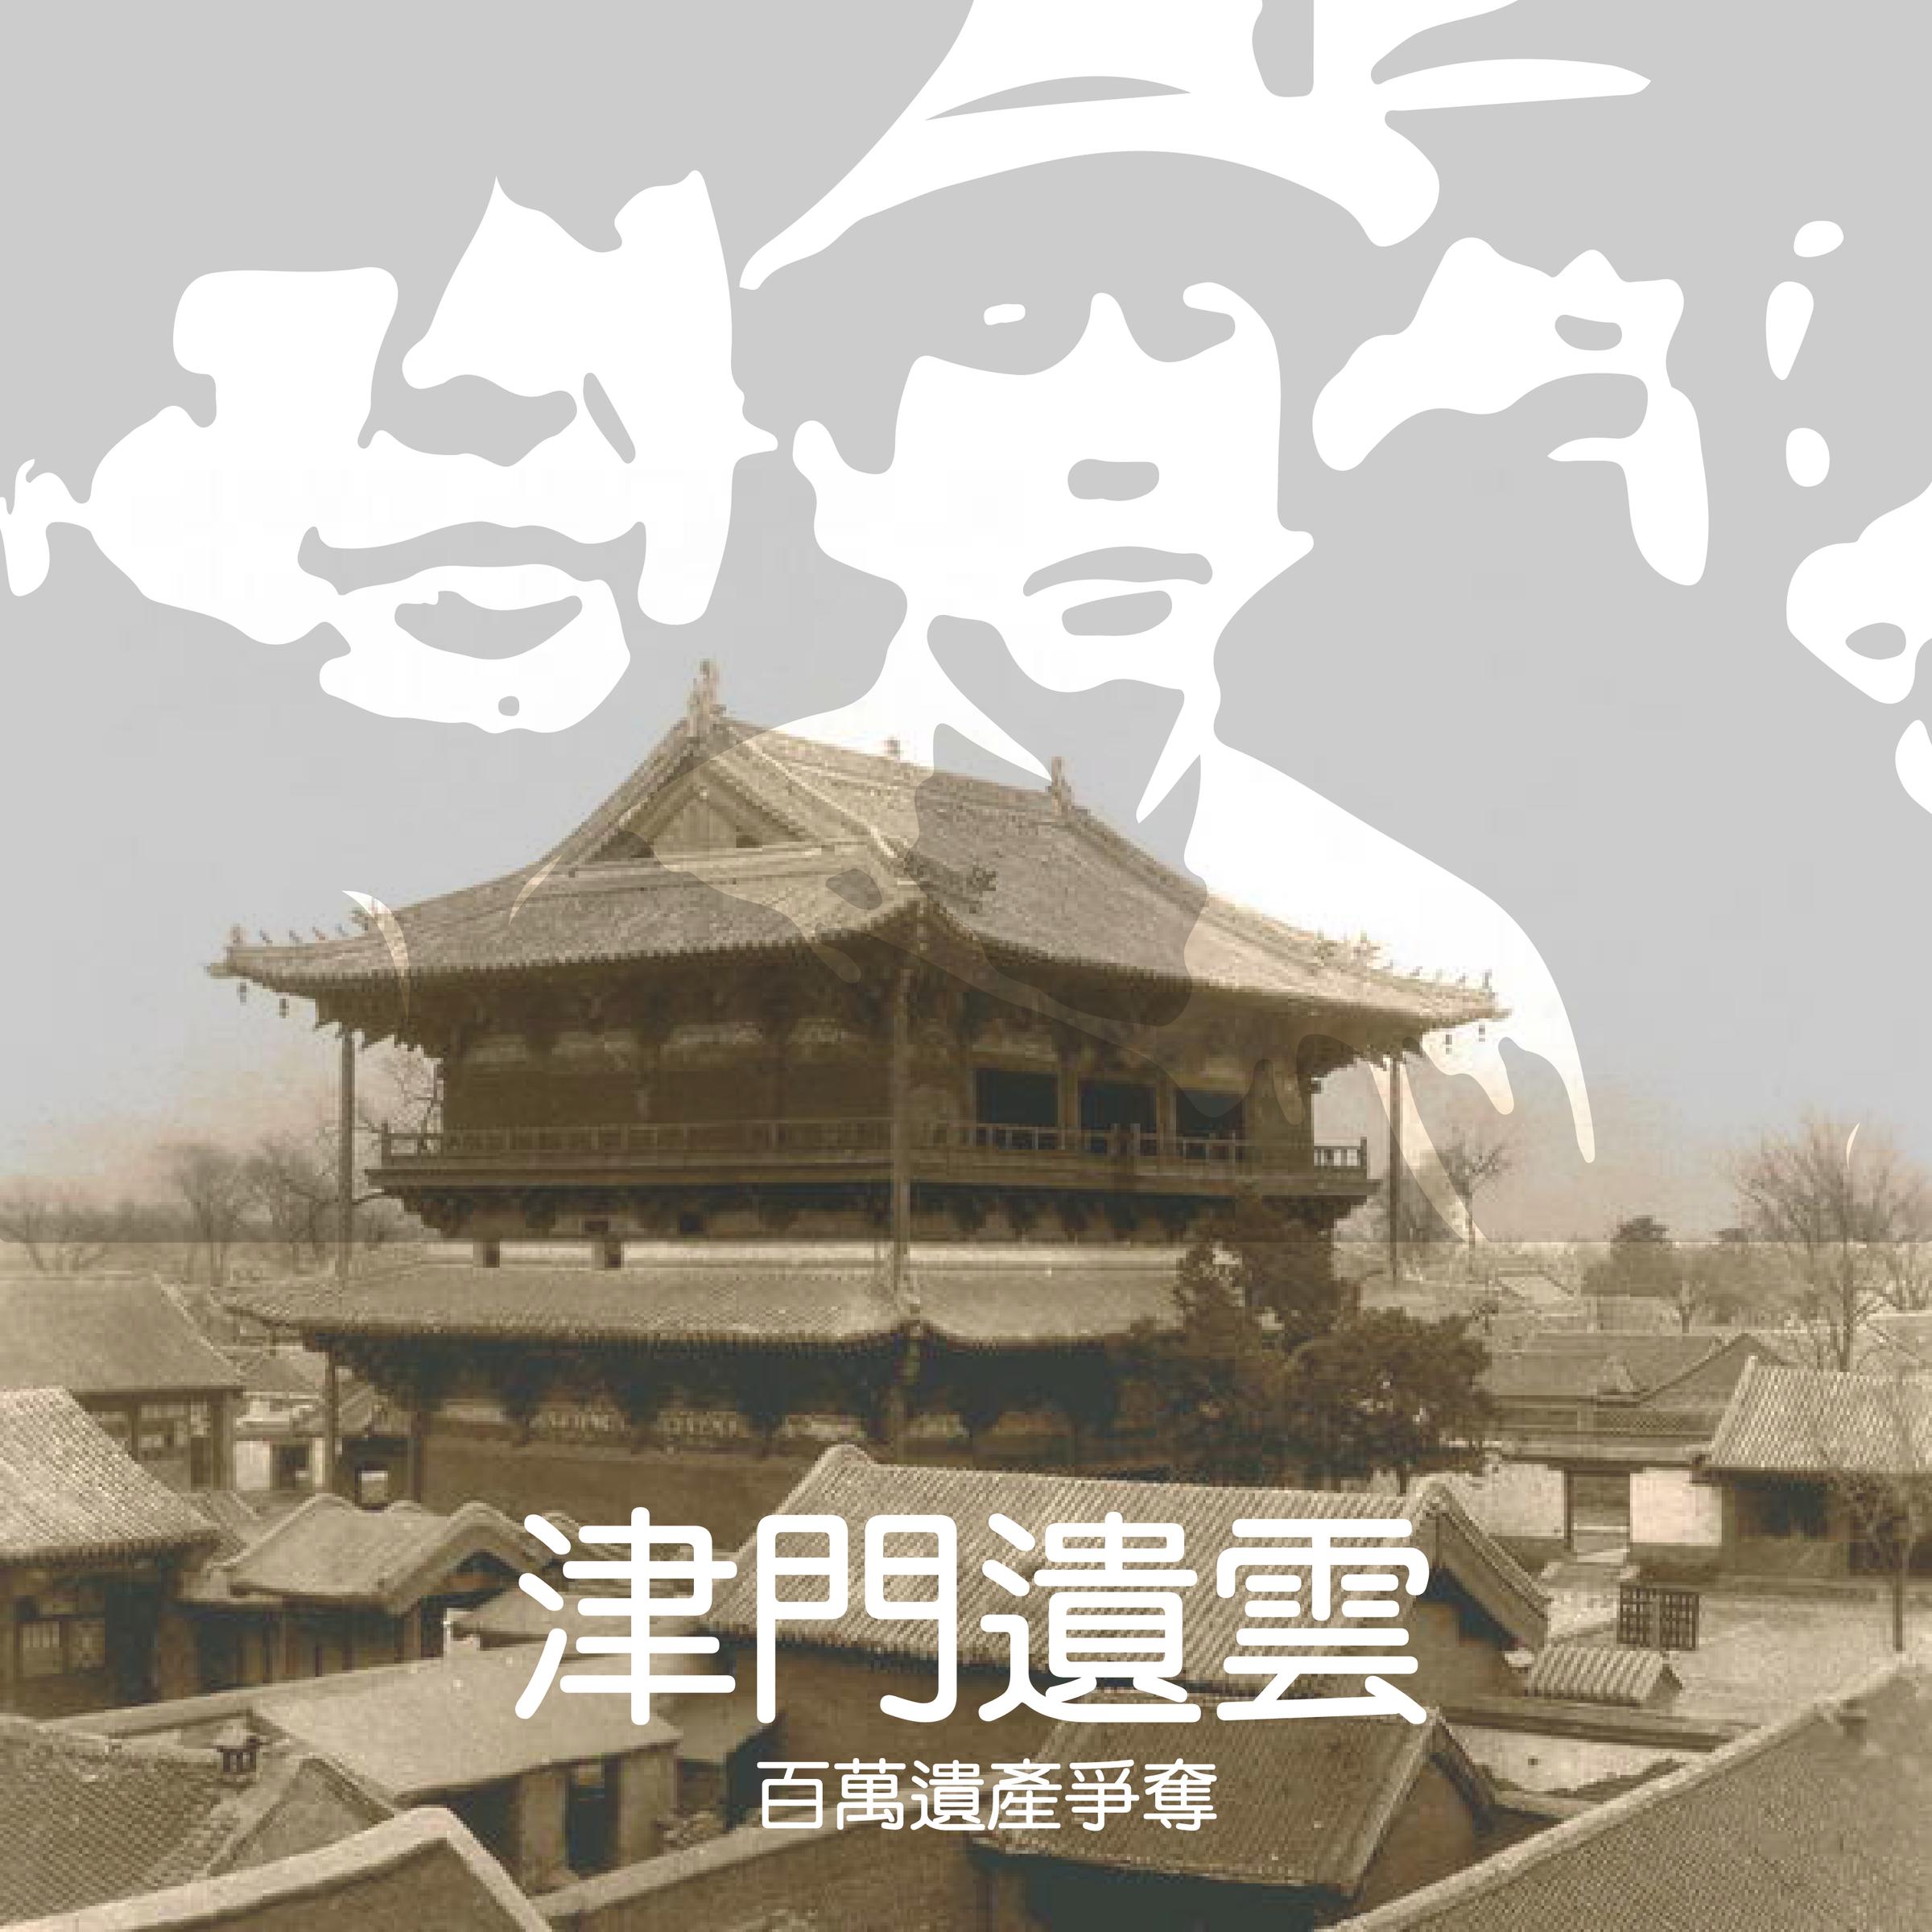 津門遺雲-01-01.png